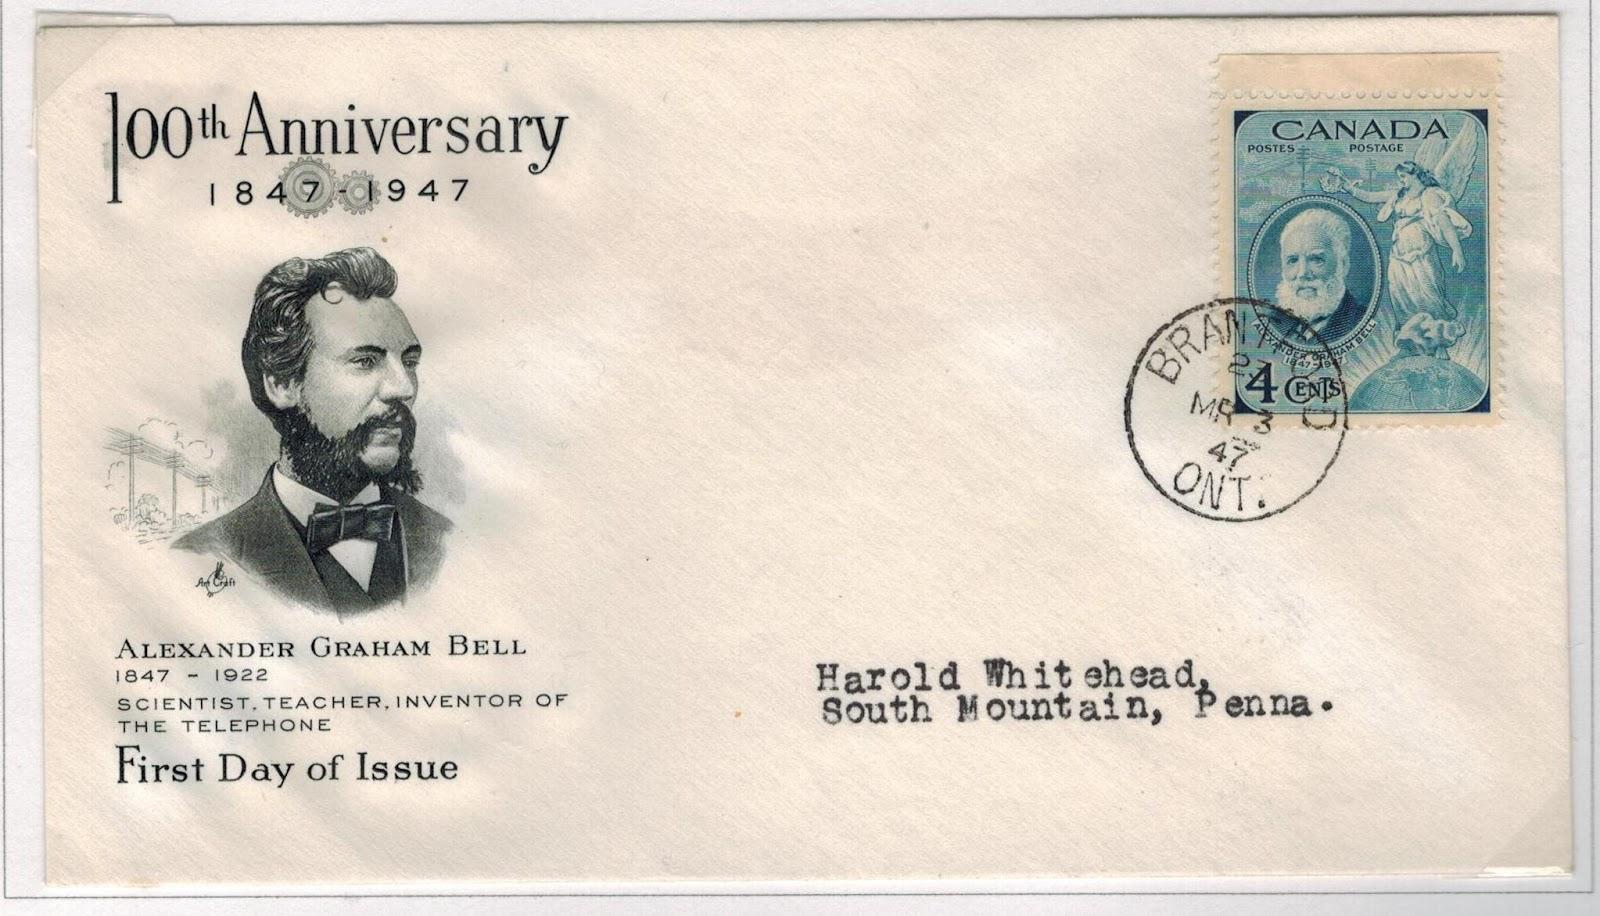 postal history corner alexander graham bell usages